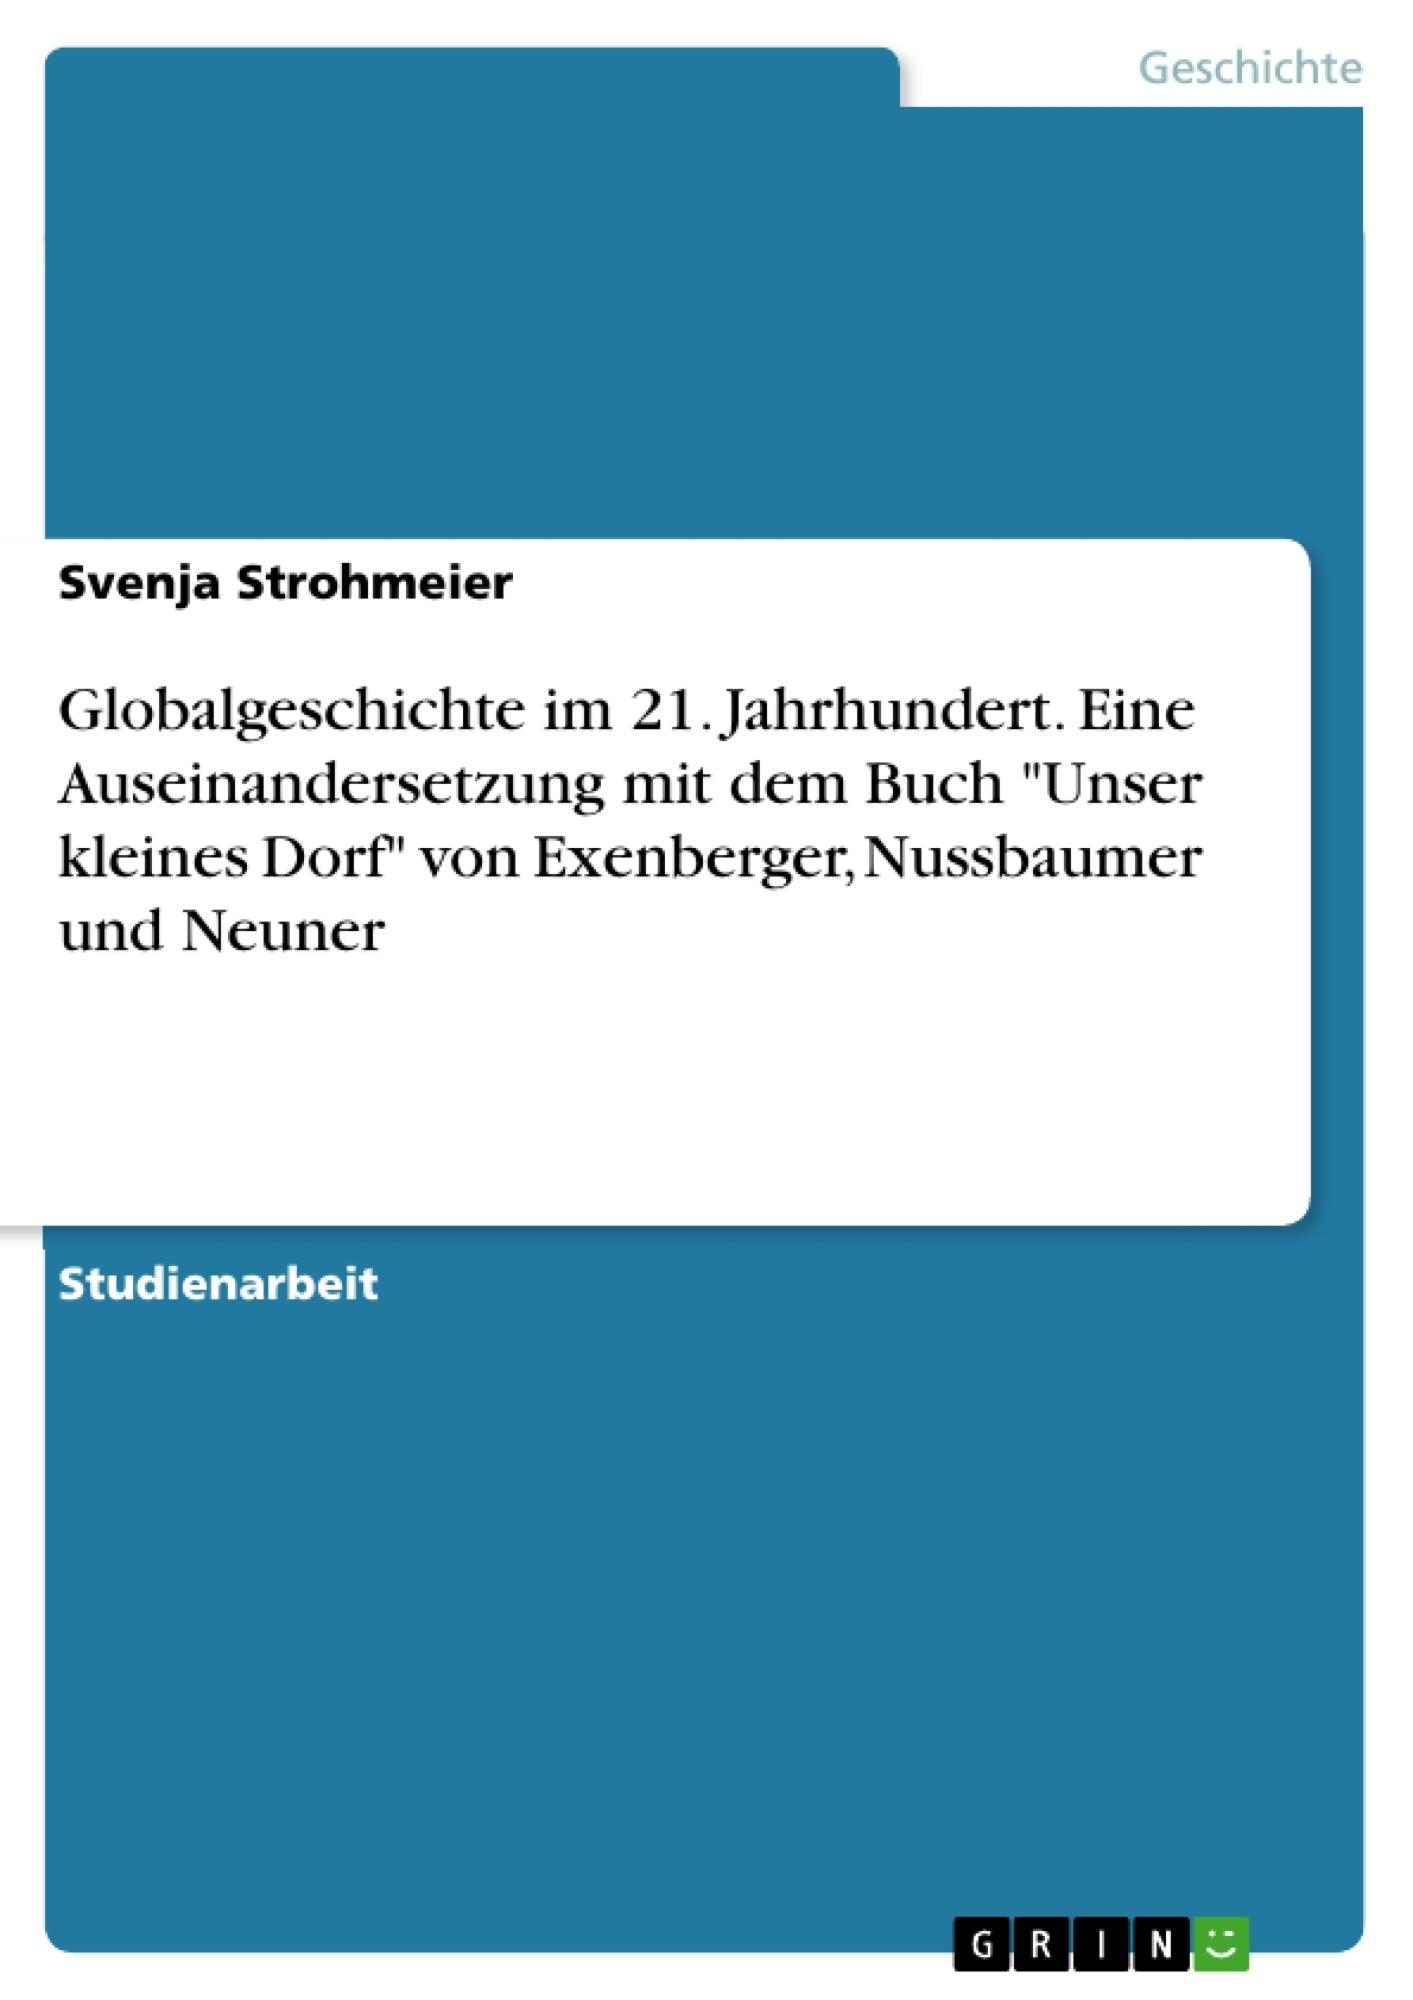 """Titel: Globalgeschichte im 21. Jahrhundert. Eine Auseinandersetzung mit dem Buch """"Unser kleines Dorf"""" von Exenberger, Nussbaumer und Neuner"""